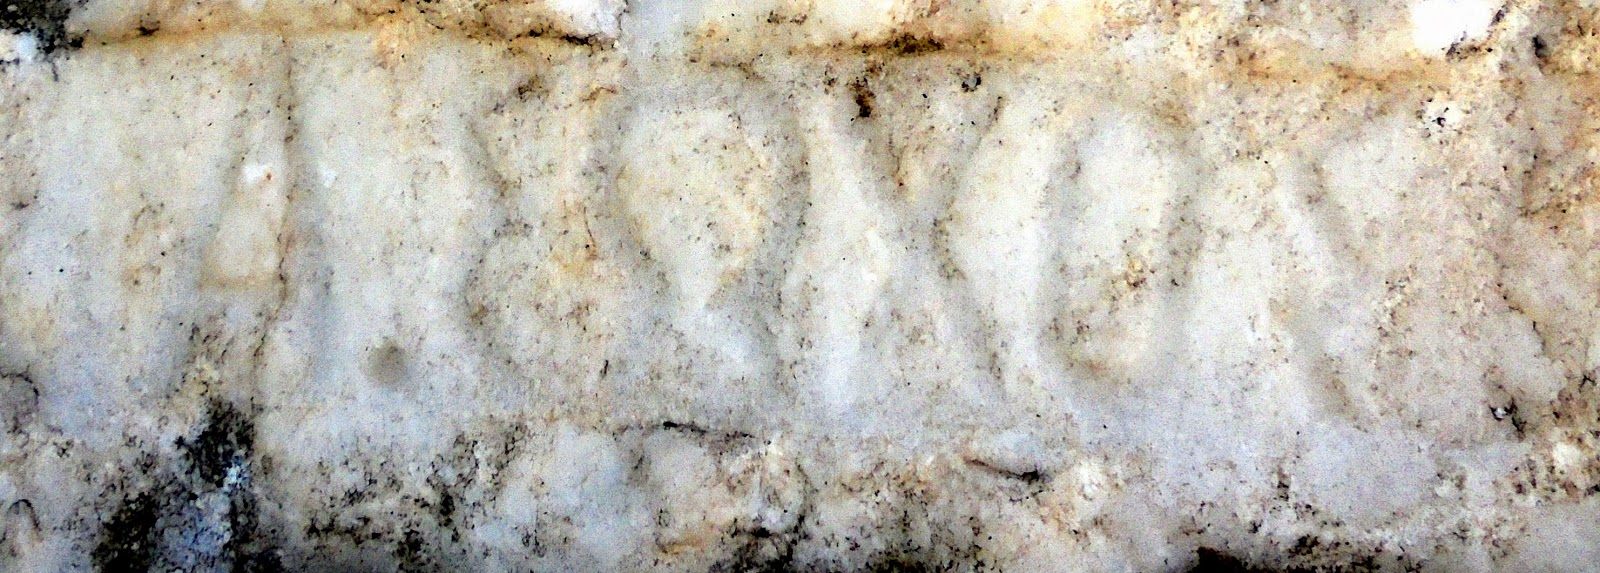 προτομή του Κωστή Παλαμά στο Μεσολόγγι